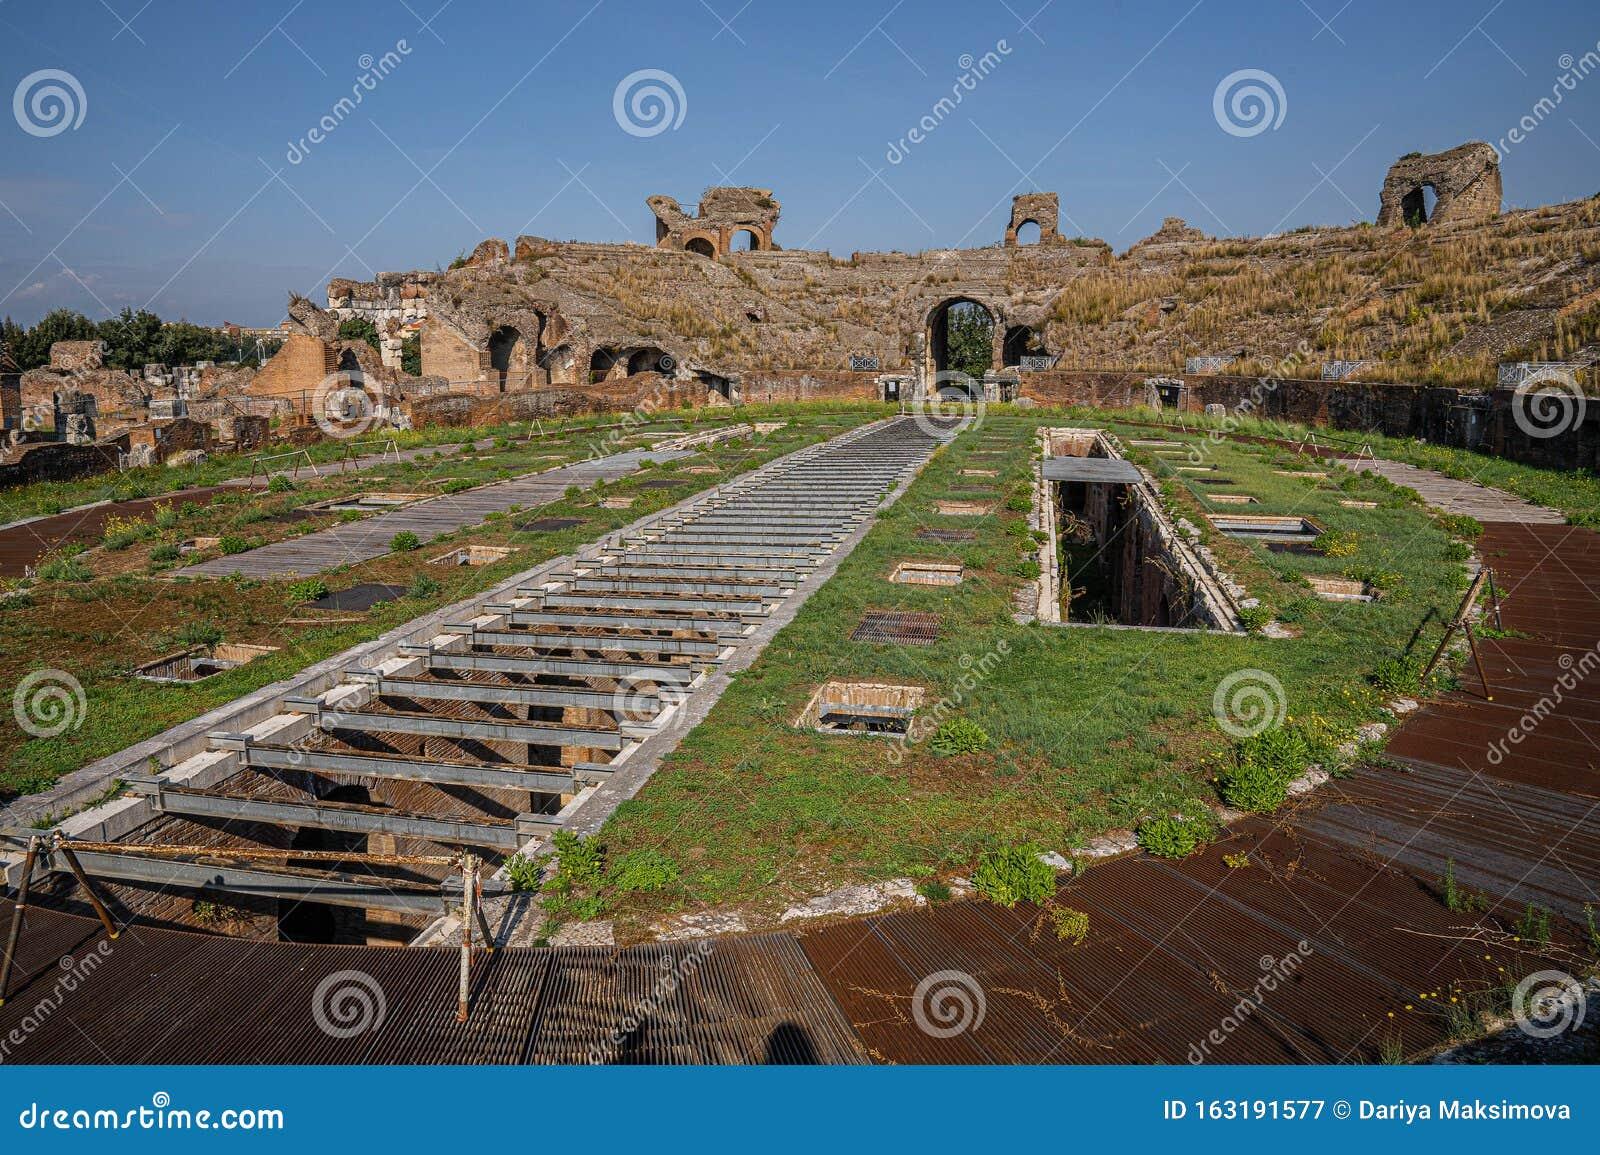 Ruinen Eines Antiken Amphitheaters In Santa Maria Capua Vetere In Kampanien  In Italien Stockbild - Bild von europa, berge: 163191577